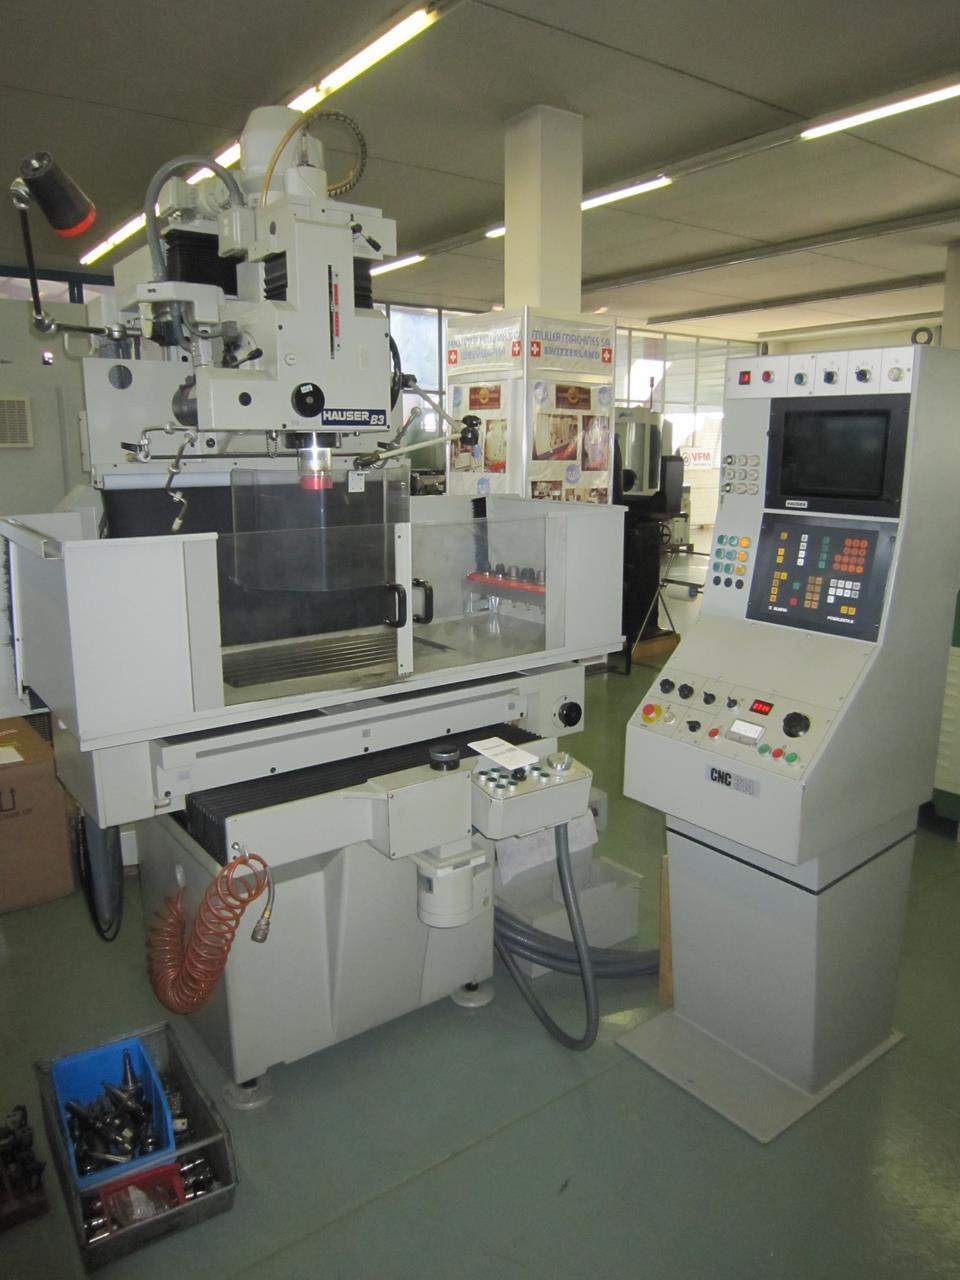 豪泽HAUSER B 3 CNC 314二手坐标磨床进口长安的流程